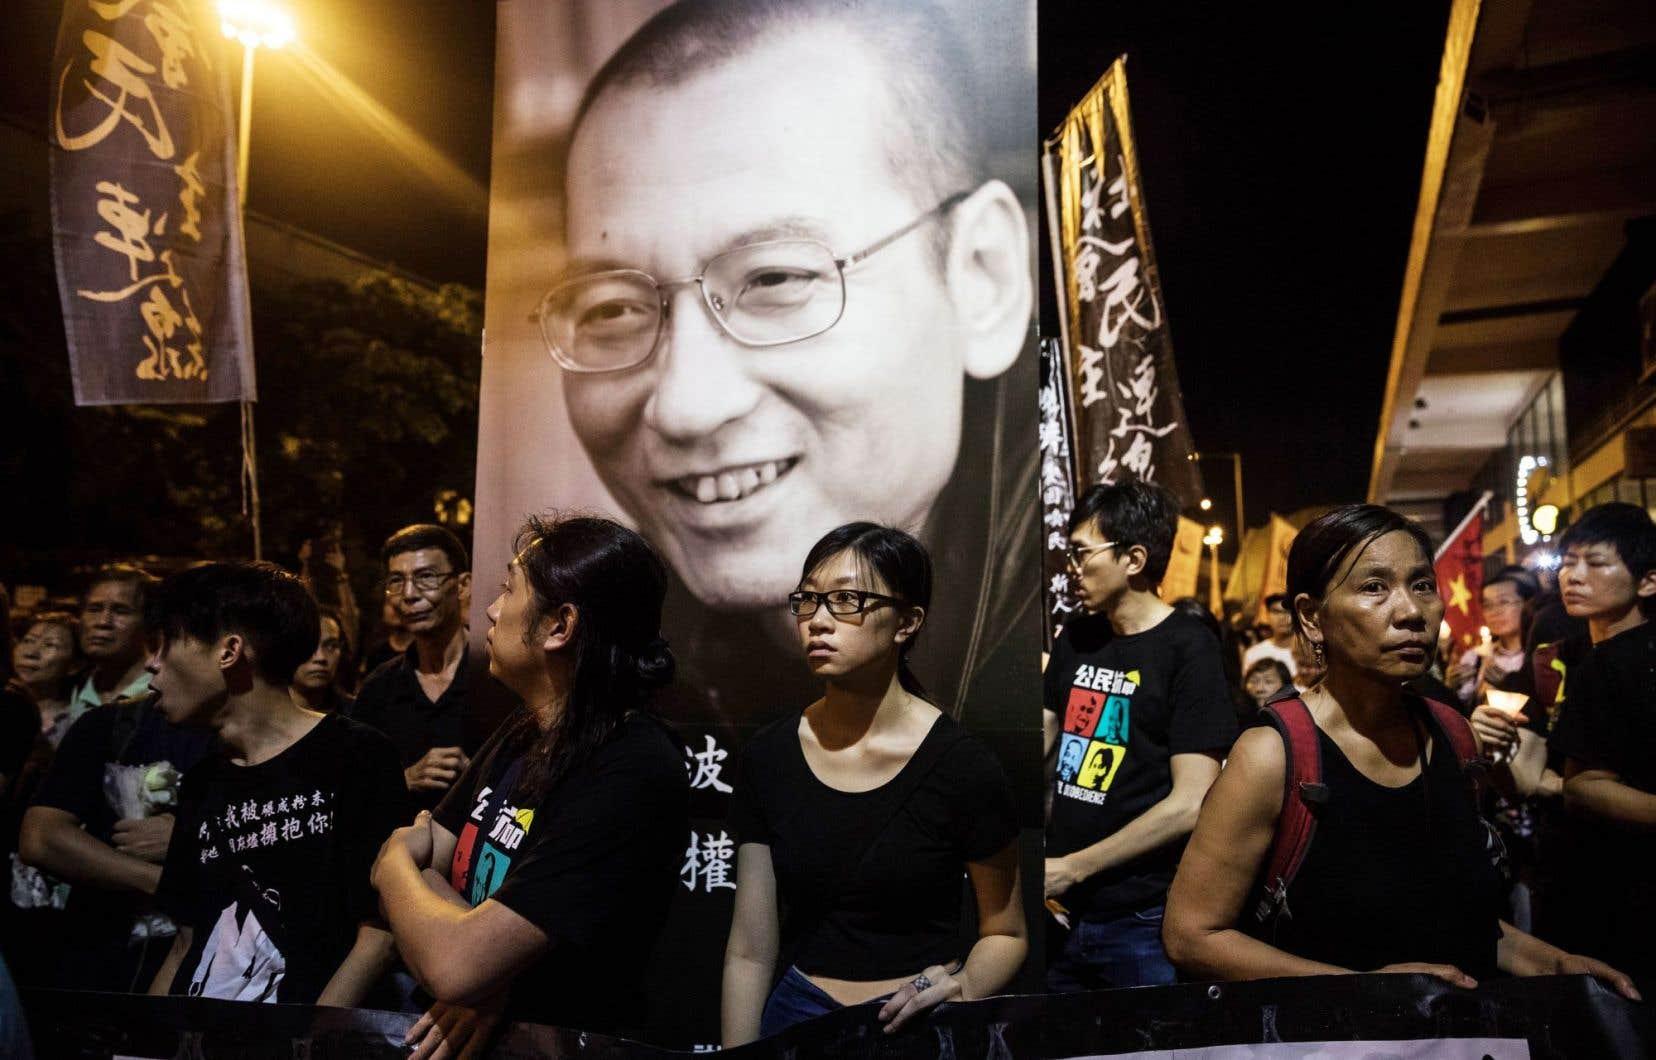 Marche funéraire en hommage au lauréat du prix Nobel de la paix dans les rues de Hong-Kong le 15 juillet dernier